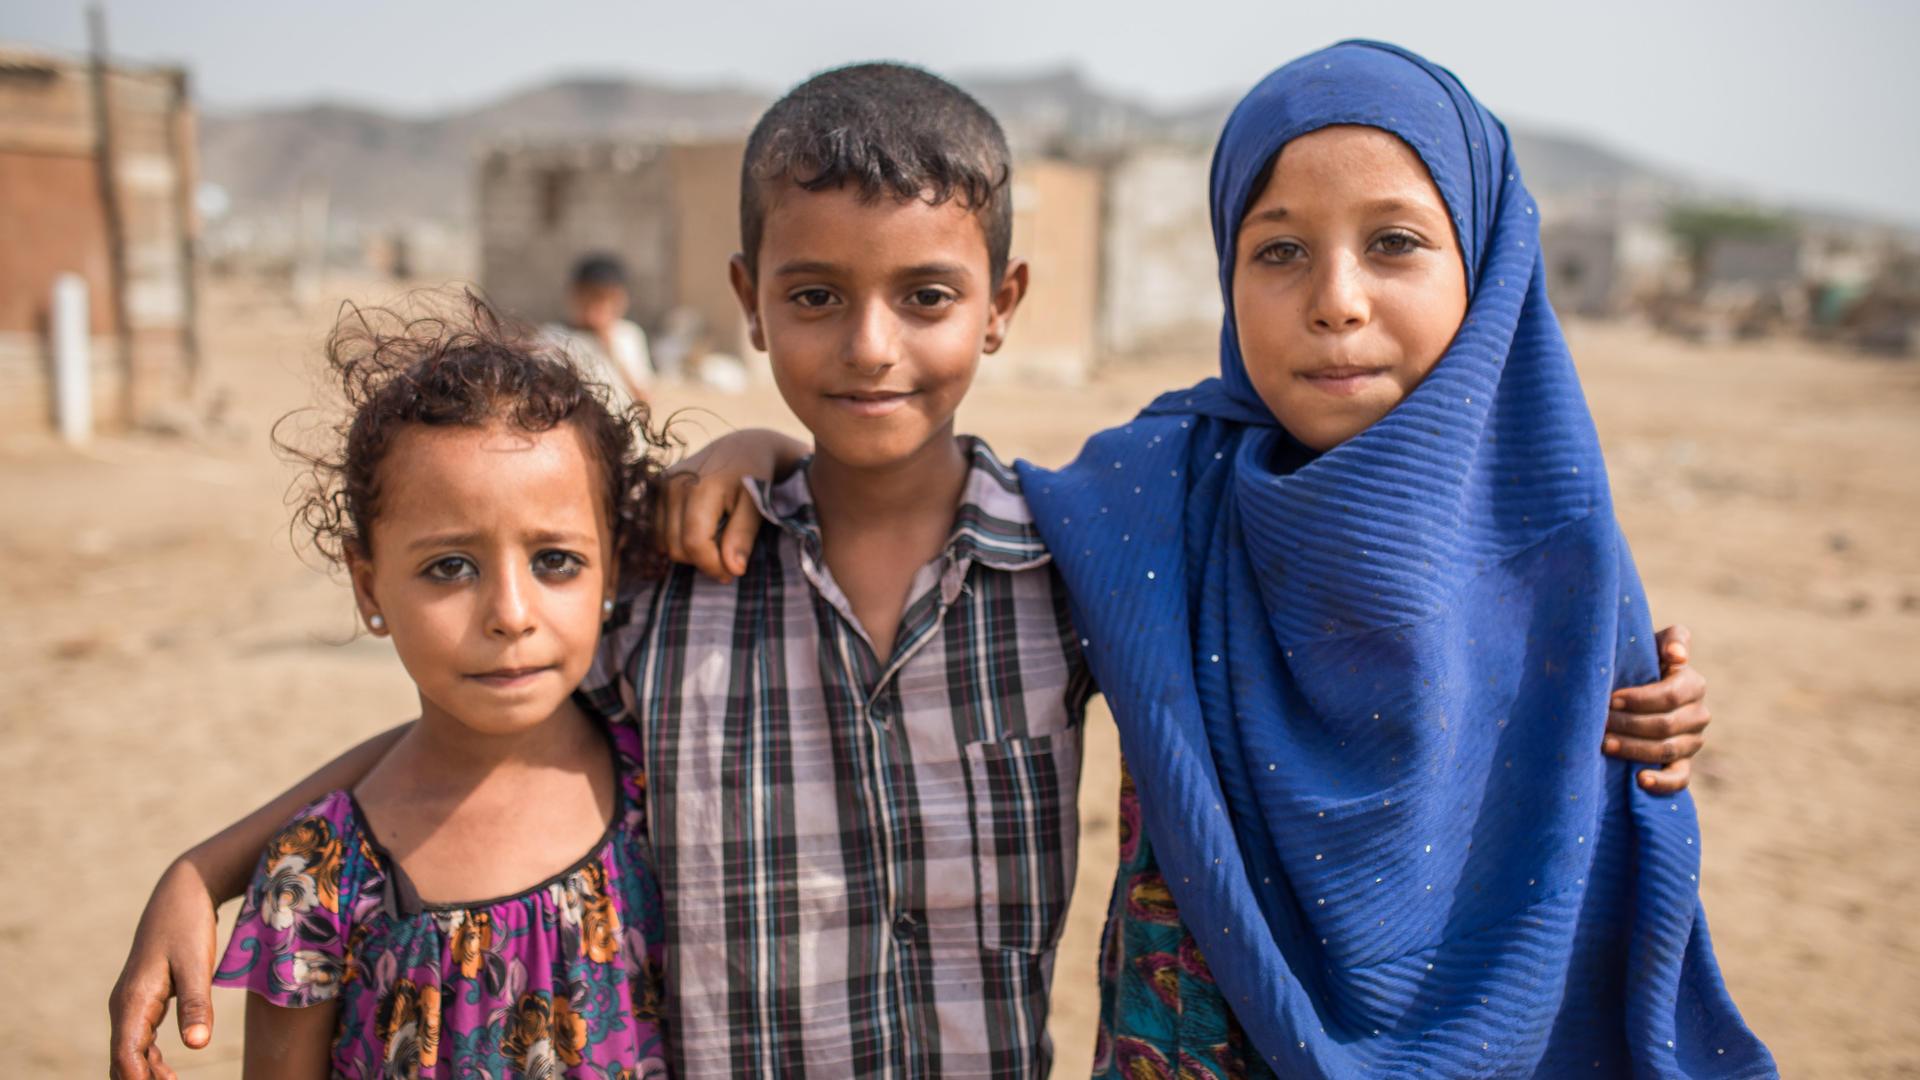 Three children in Yemen